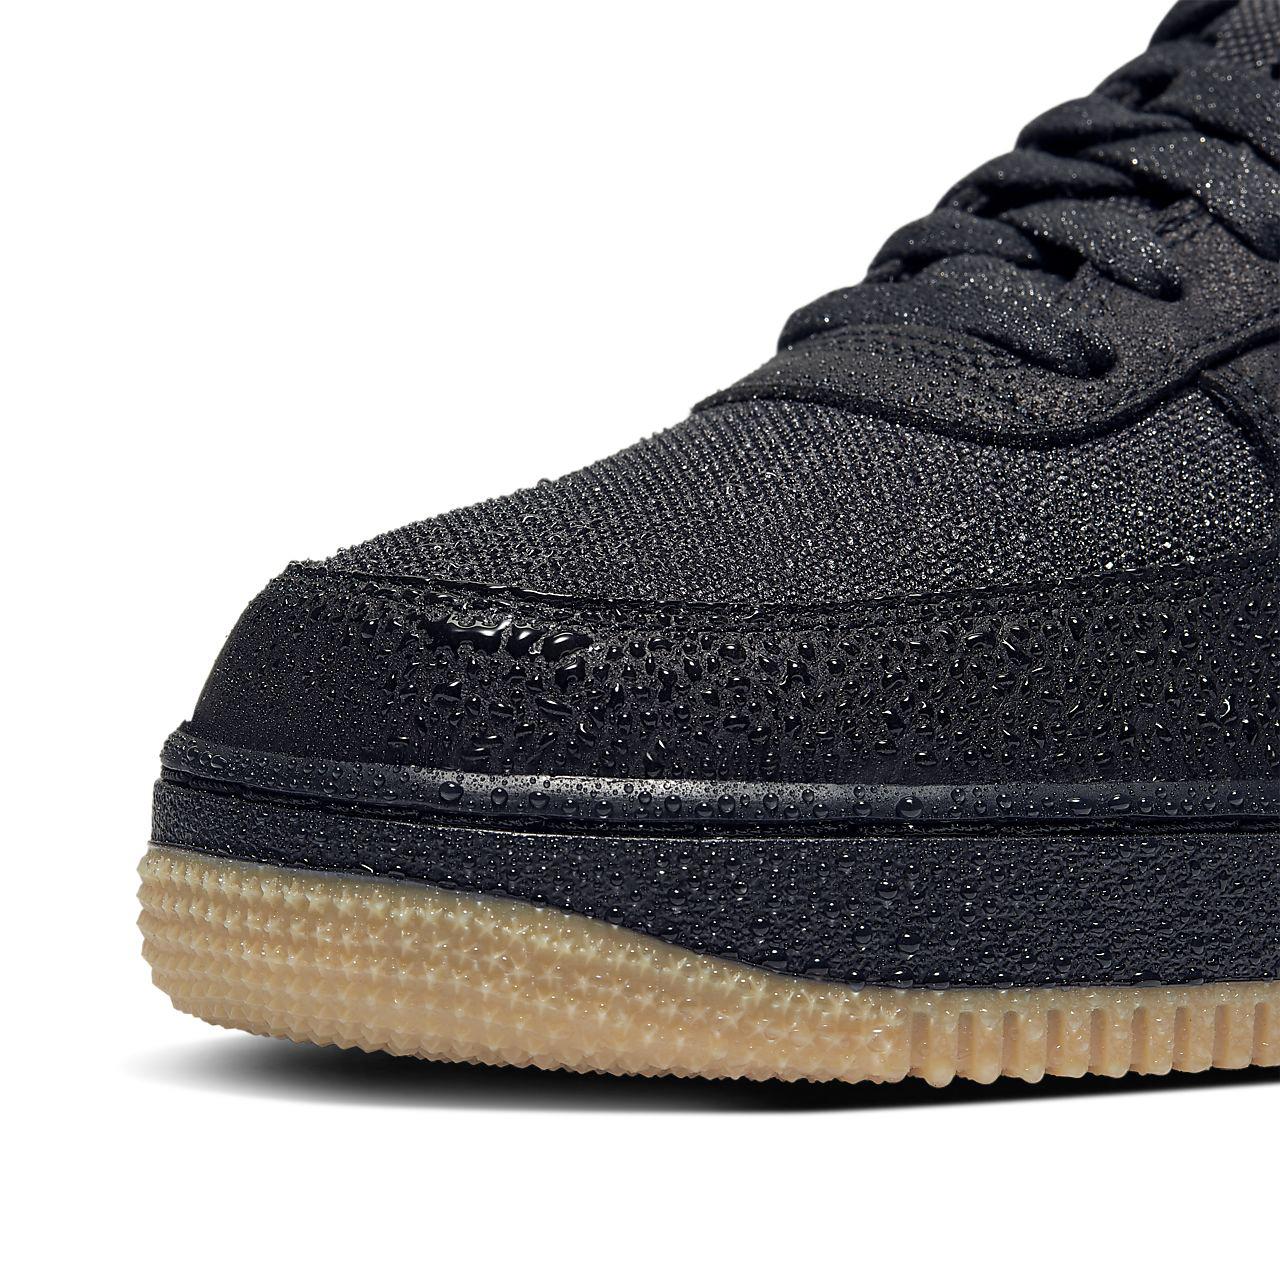 Nike Air Force 1 Gore-Tex Black